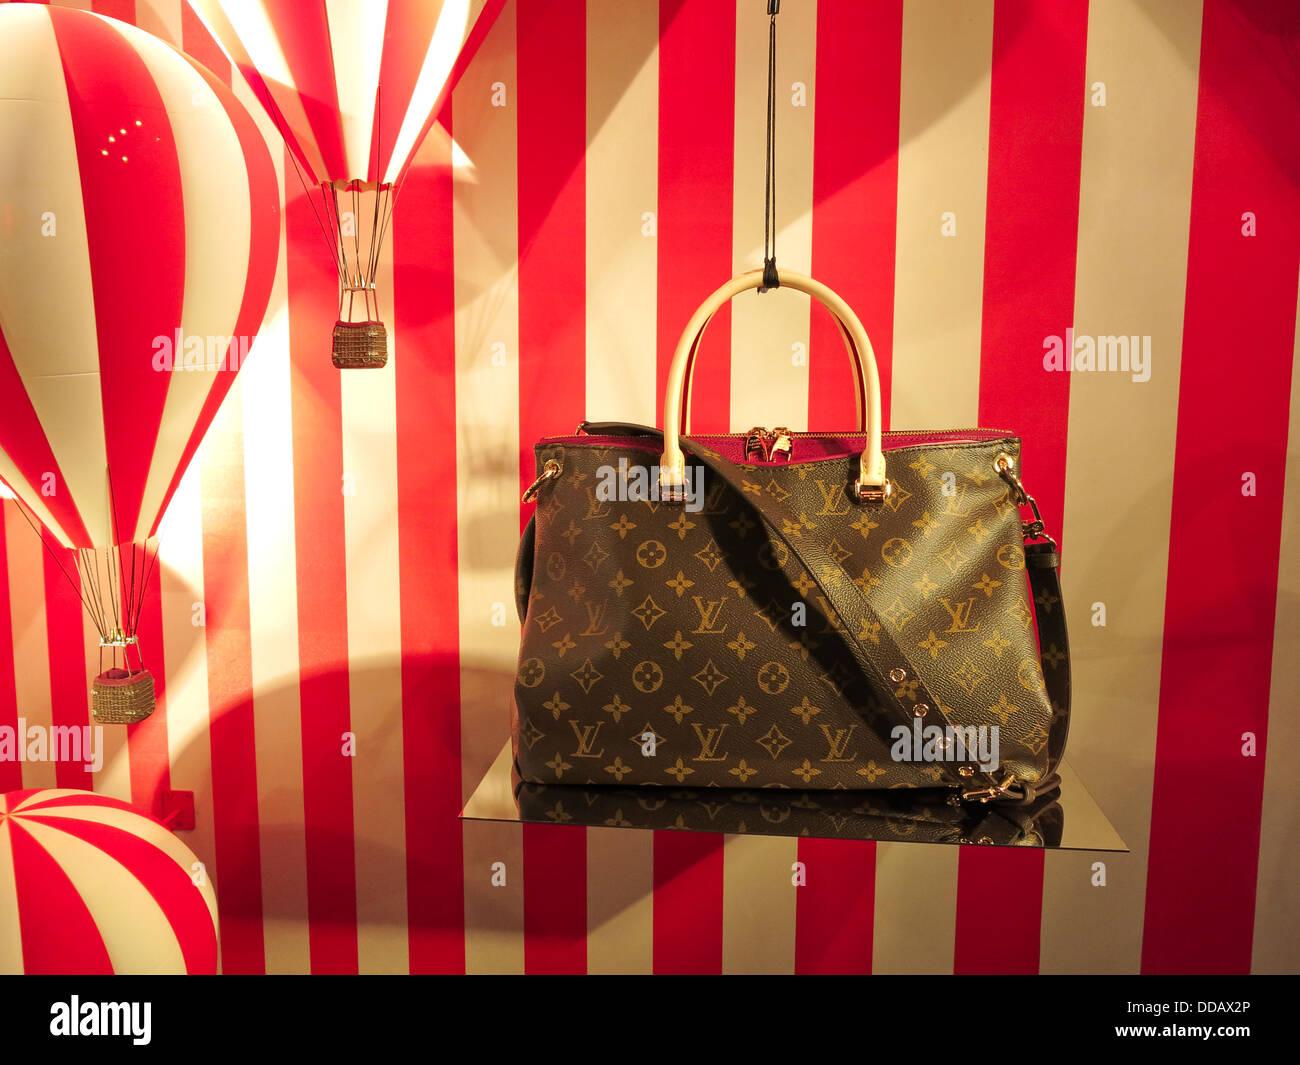 39ecedc7d7 Louis Vuitton womens luxury designer handbag in shop window Stock ...